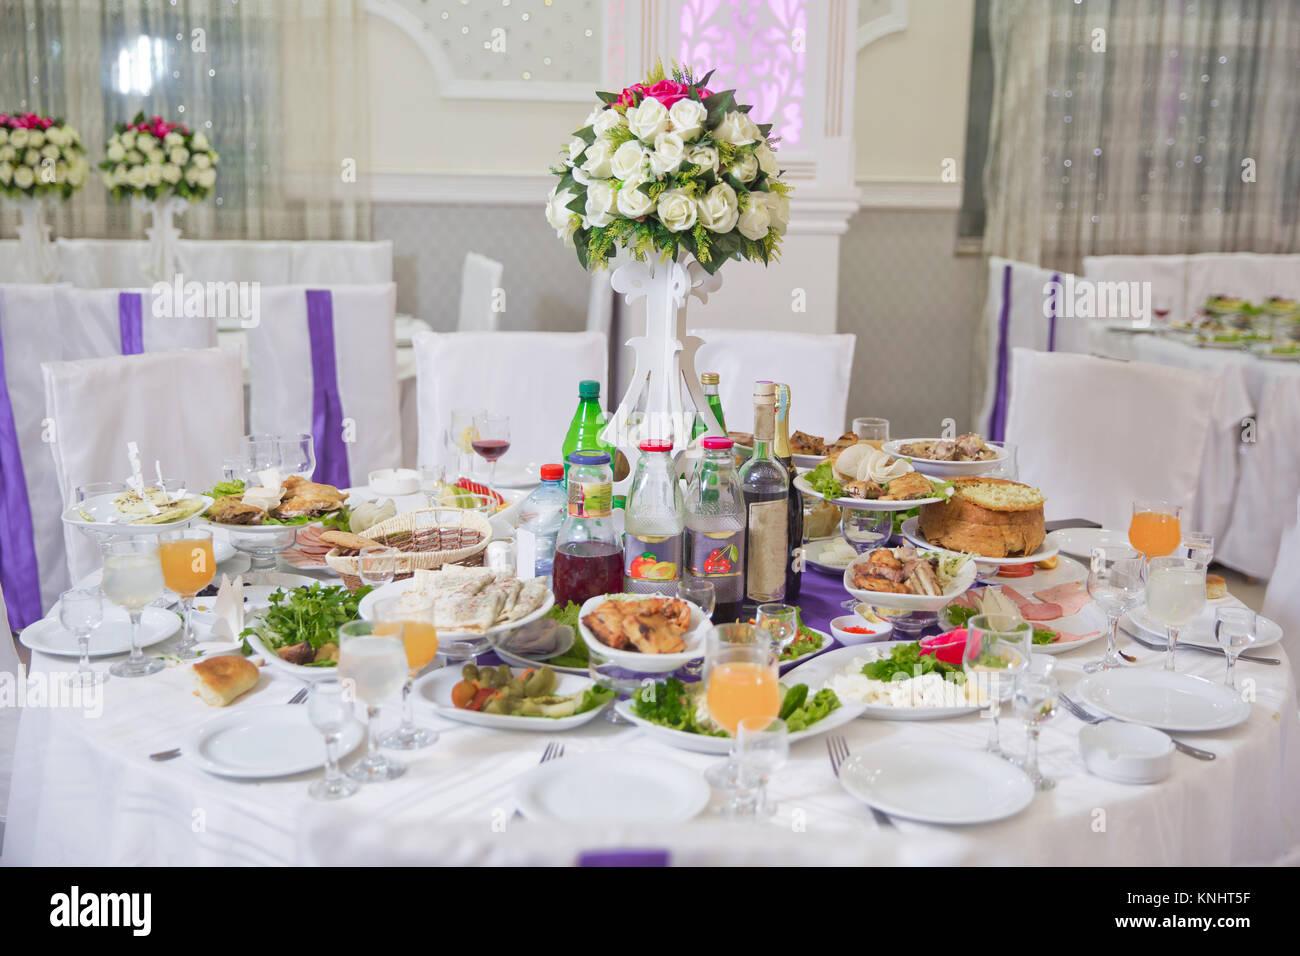 Tisch Blumenschmuck Hochzeit Tisch Blumen Bouquet Floral Design